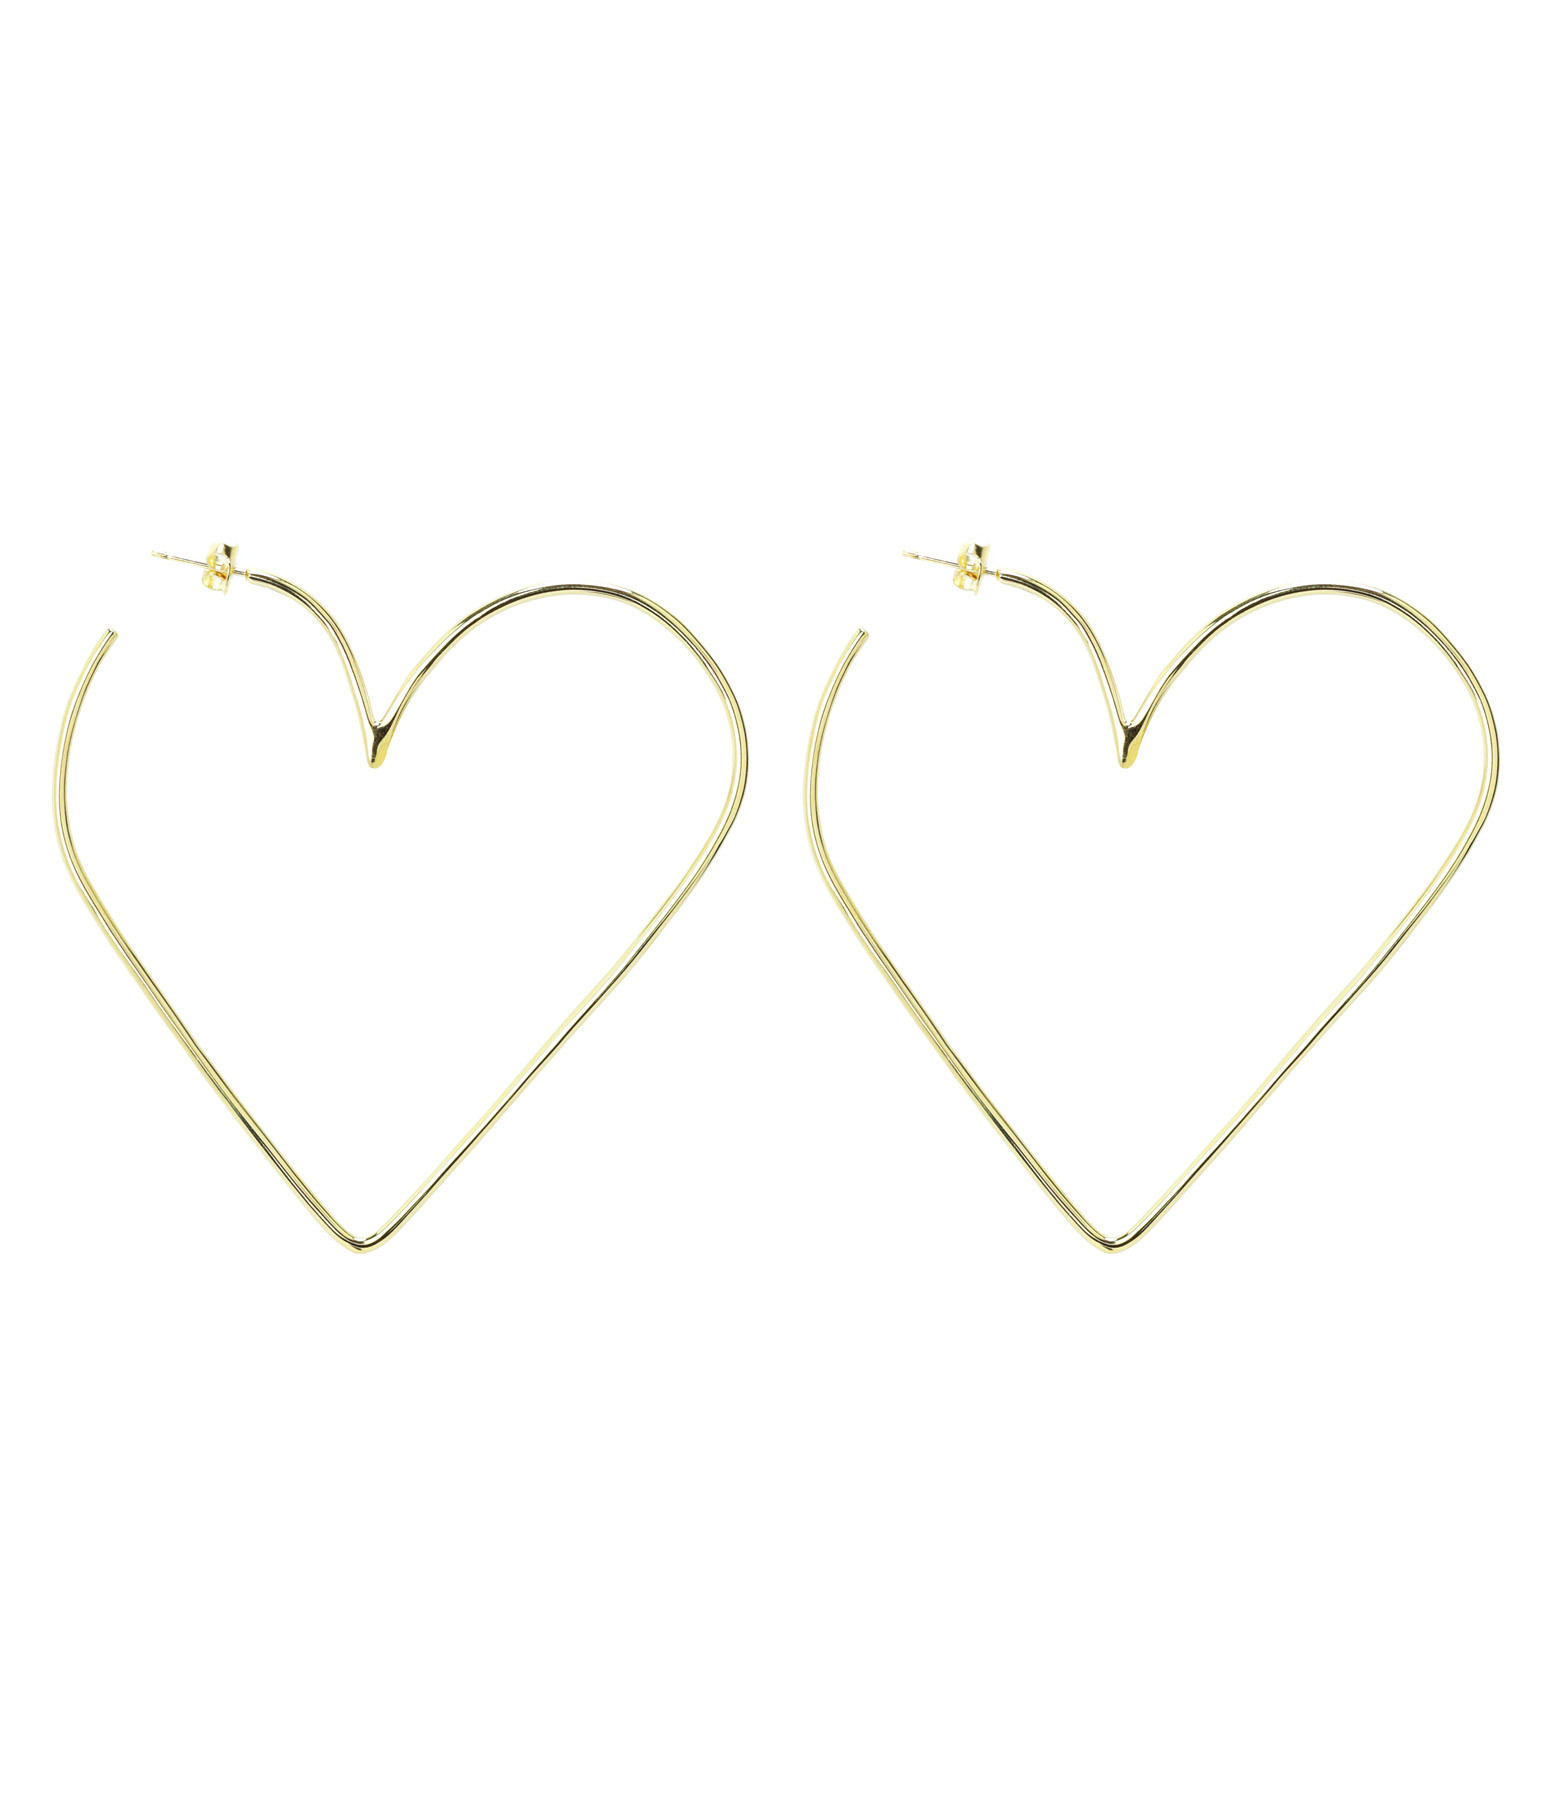 ISABEL MARANT - Boucles d'oreilles Shiny in Love Laiton Doré